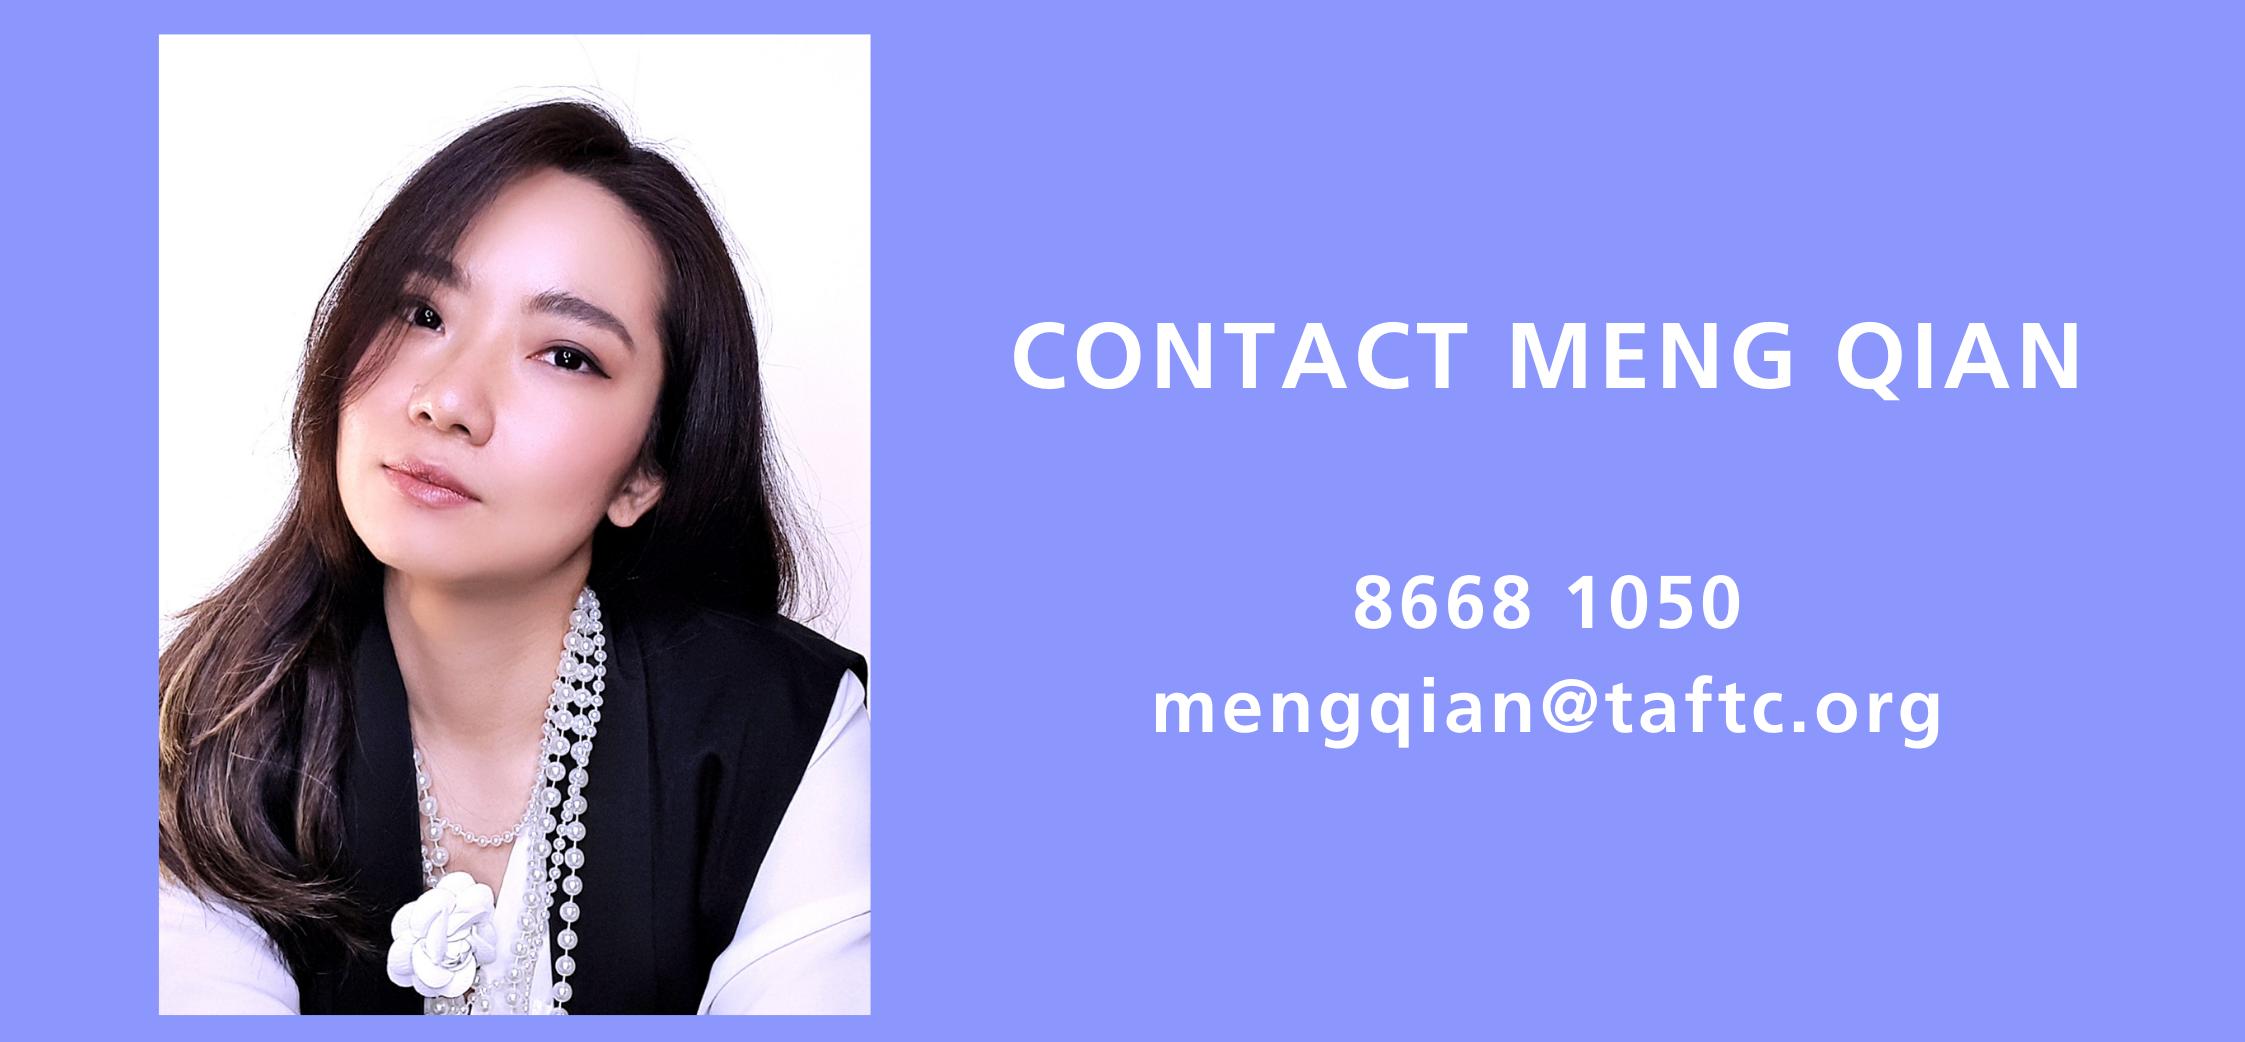 Contact Meng Qian